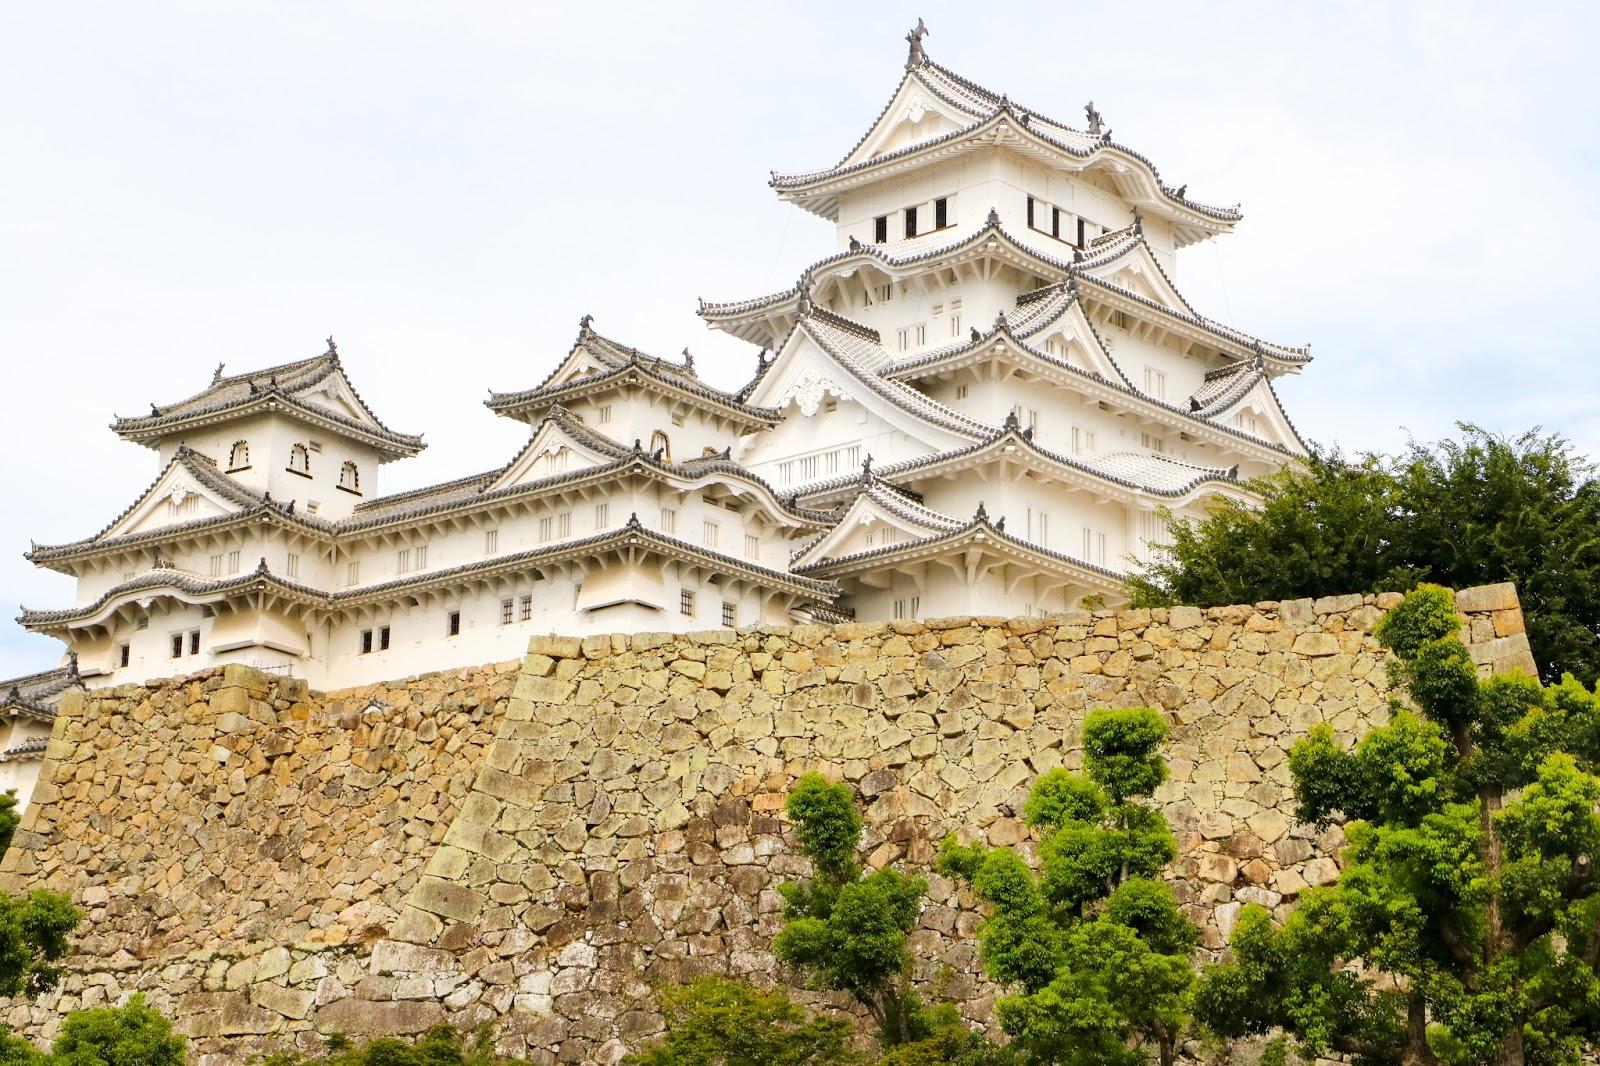 Himeji Castle - The largest castle in Japan